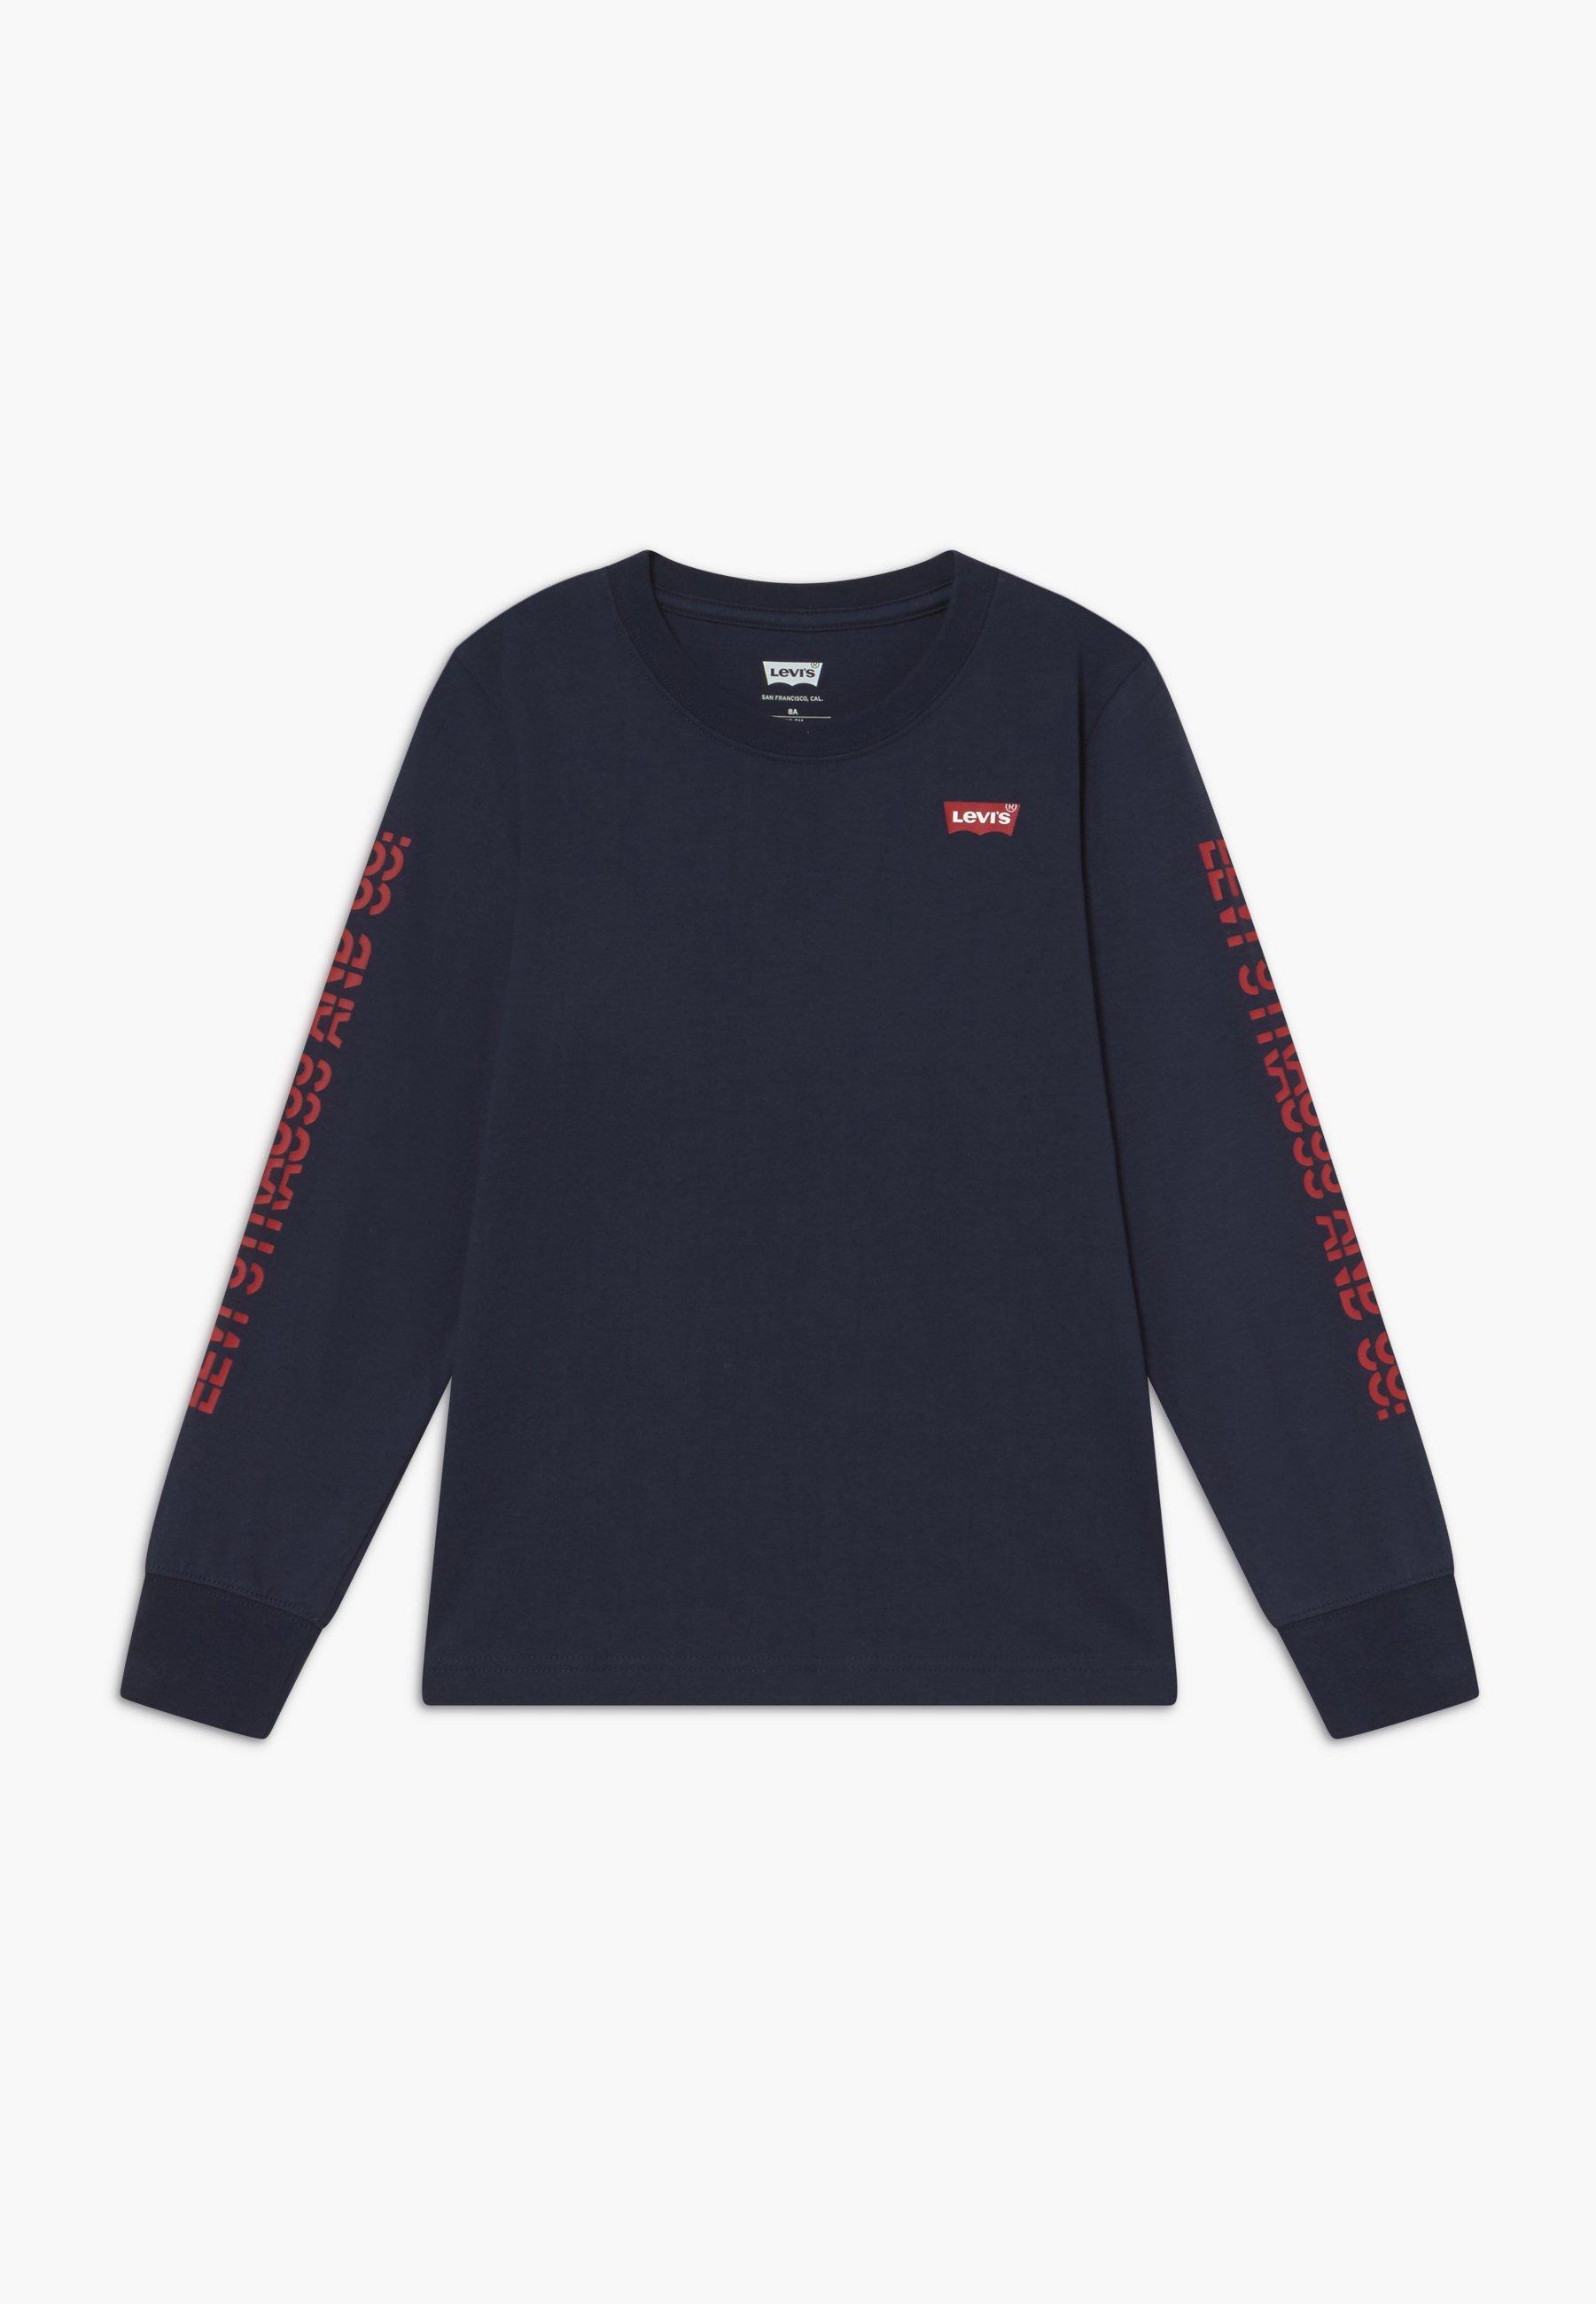 Levi's® GRAPHIC T shirt à manches longues dress blues